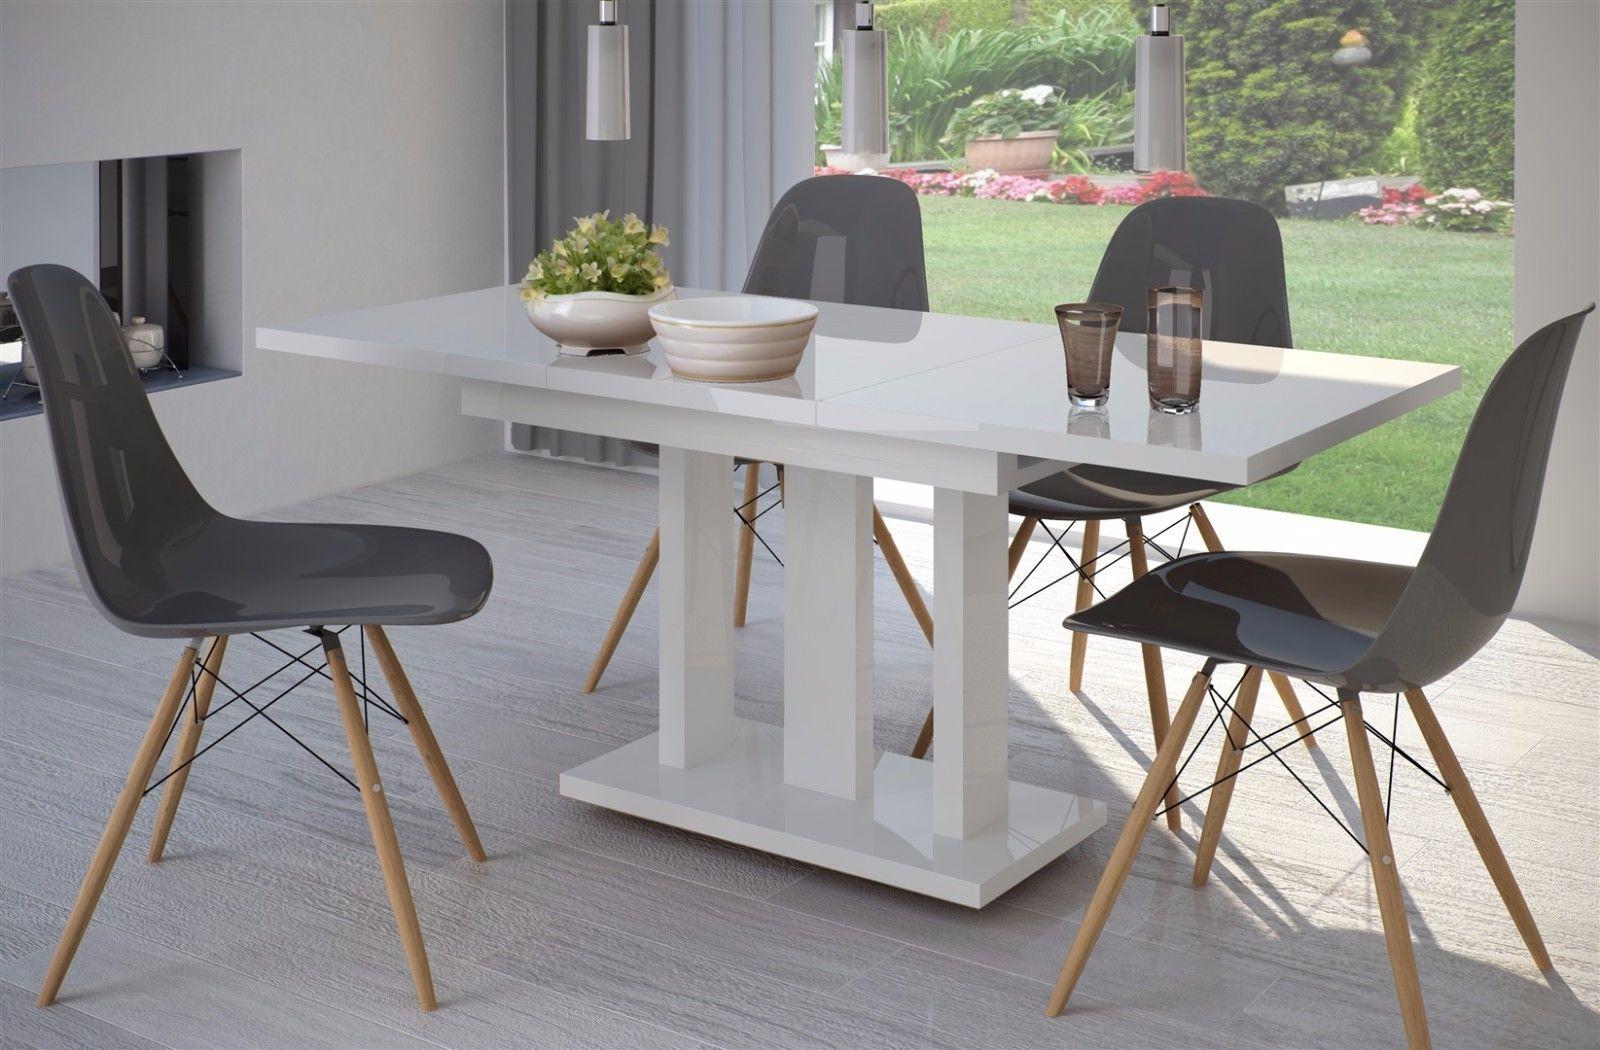 esstisch modern g nstig. Black Bedroom Furniture Sets. Home Design Ideas